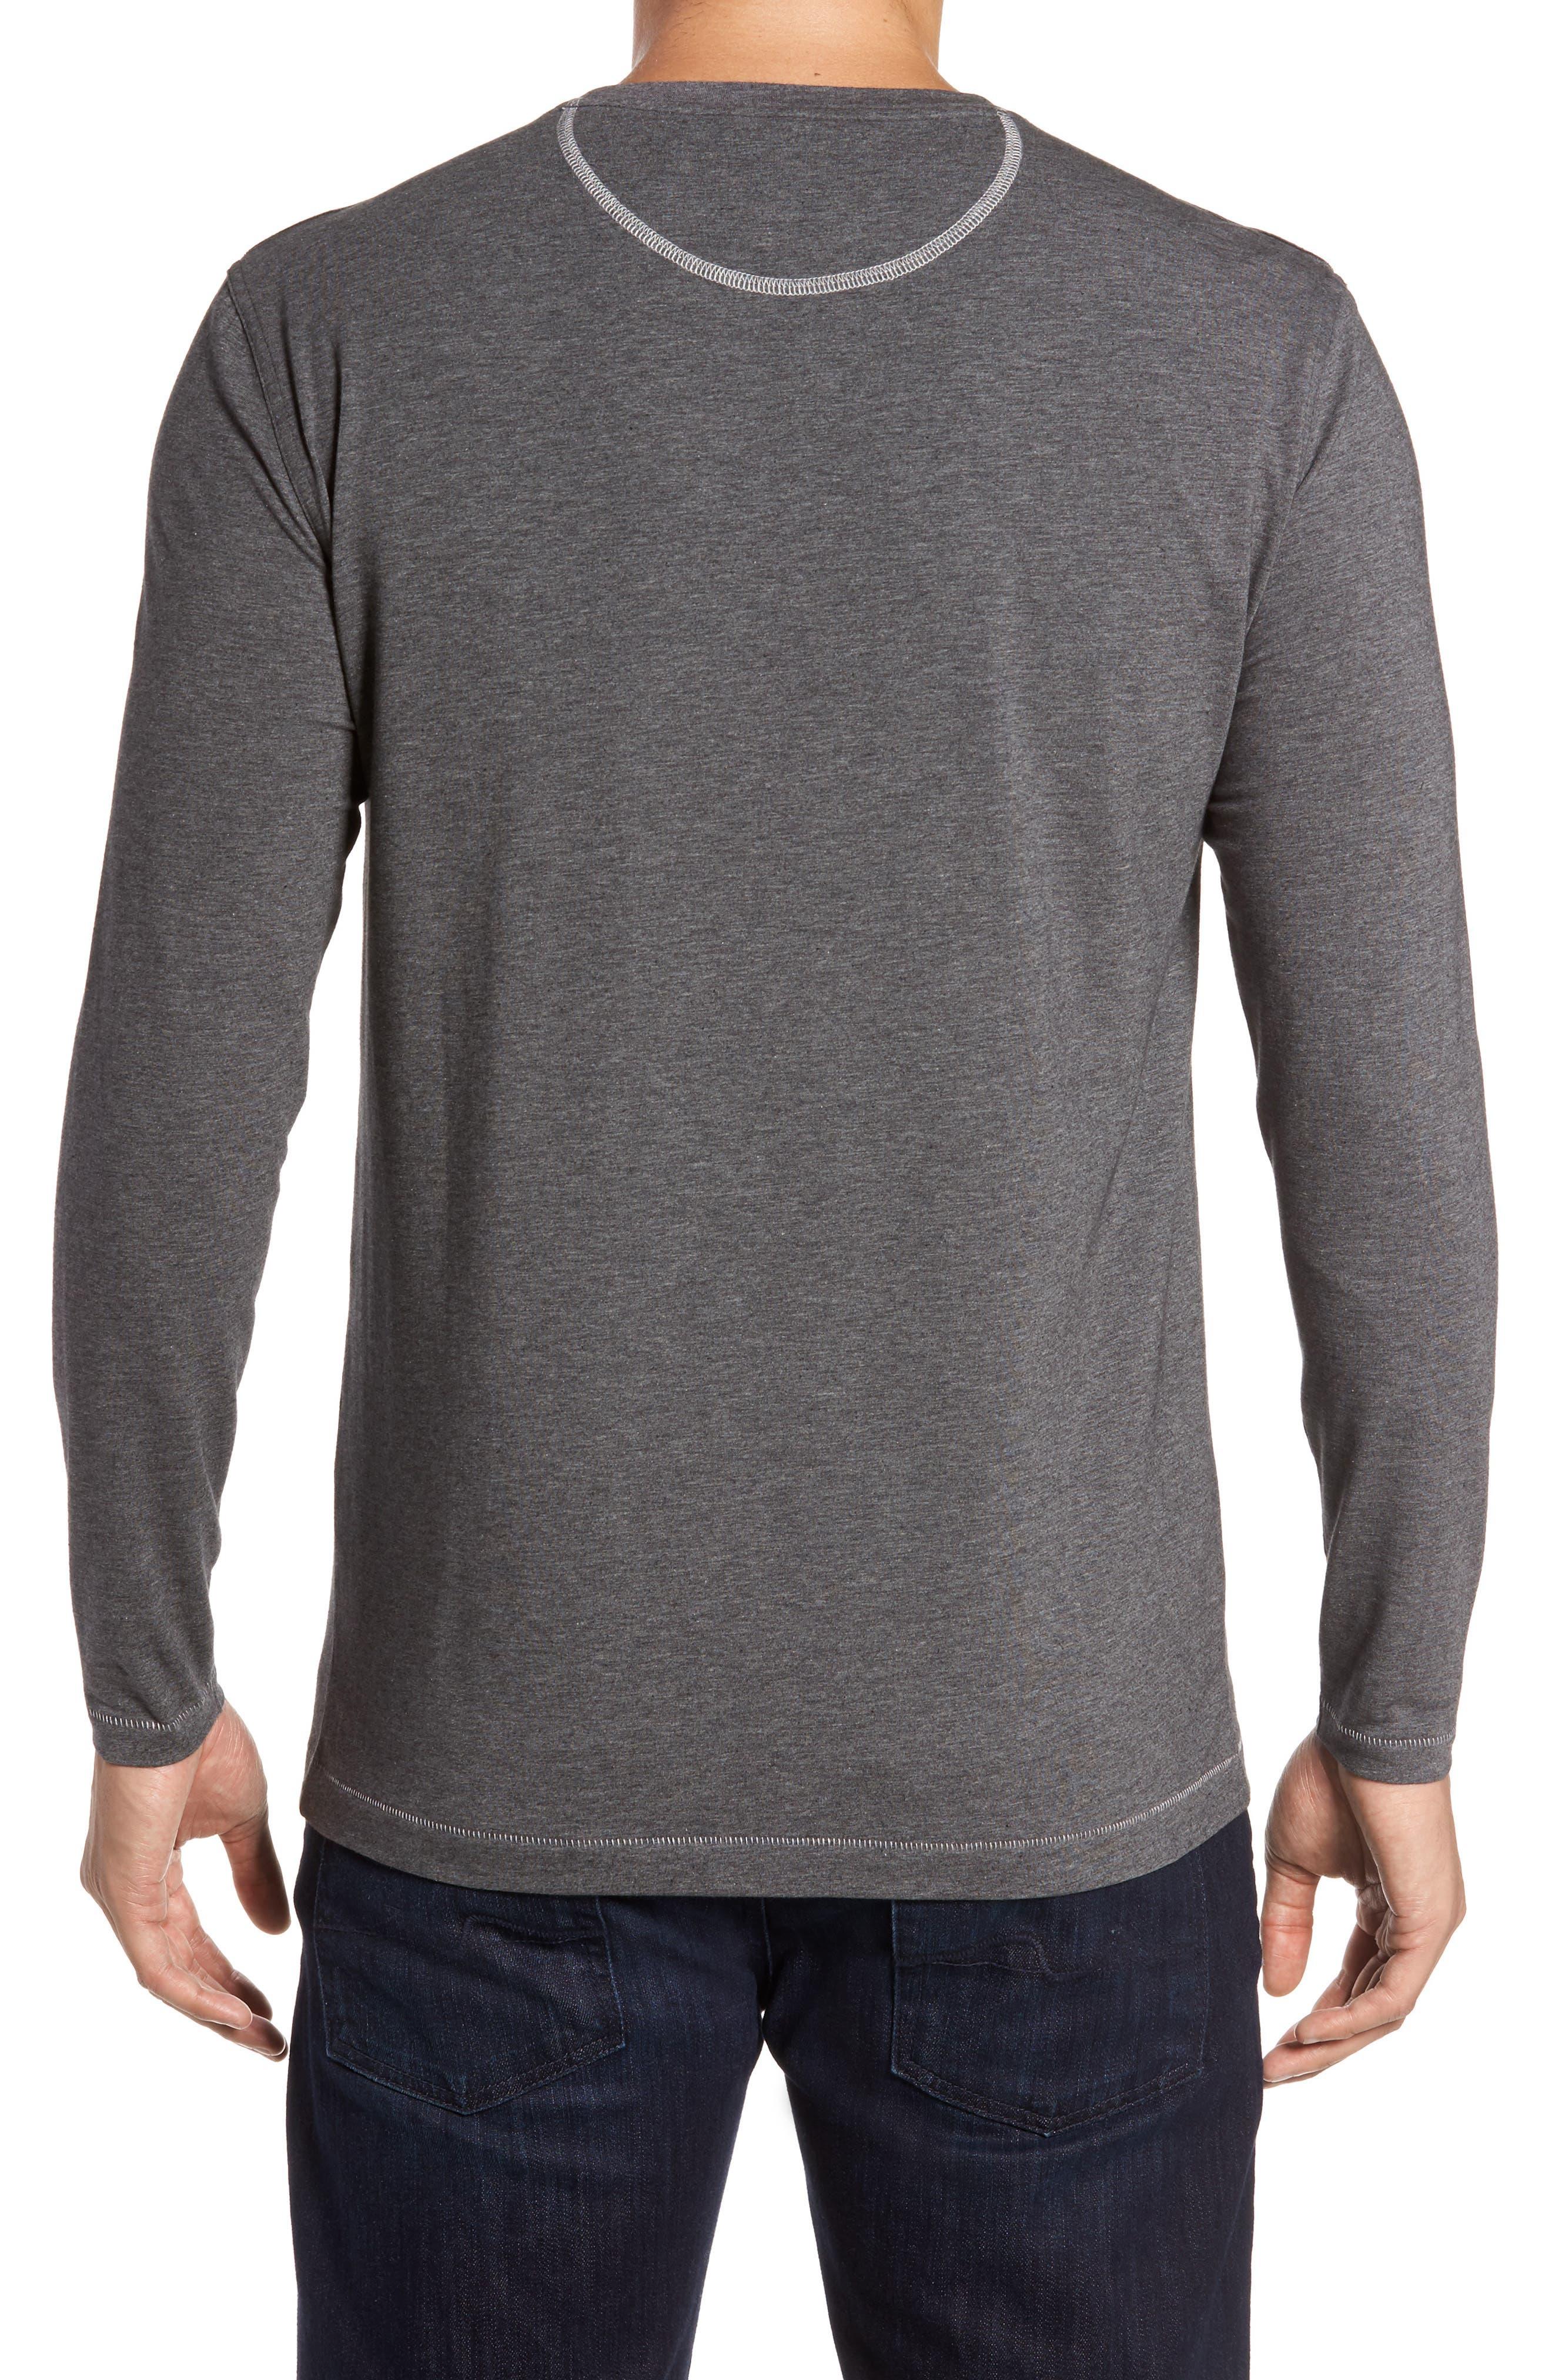 Rule 18 Essential Crewneck T-Shirt,                             Alternate thumbnail 2, color,                             020